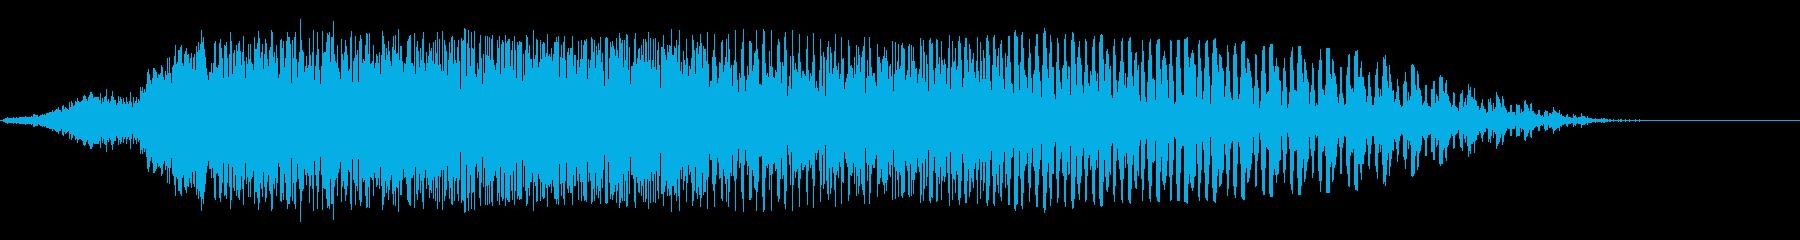 ブゥーーン(シンプルな飛行音)の再生済みの波形